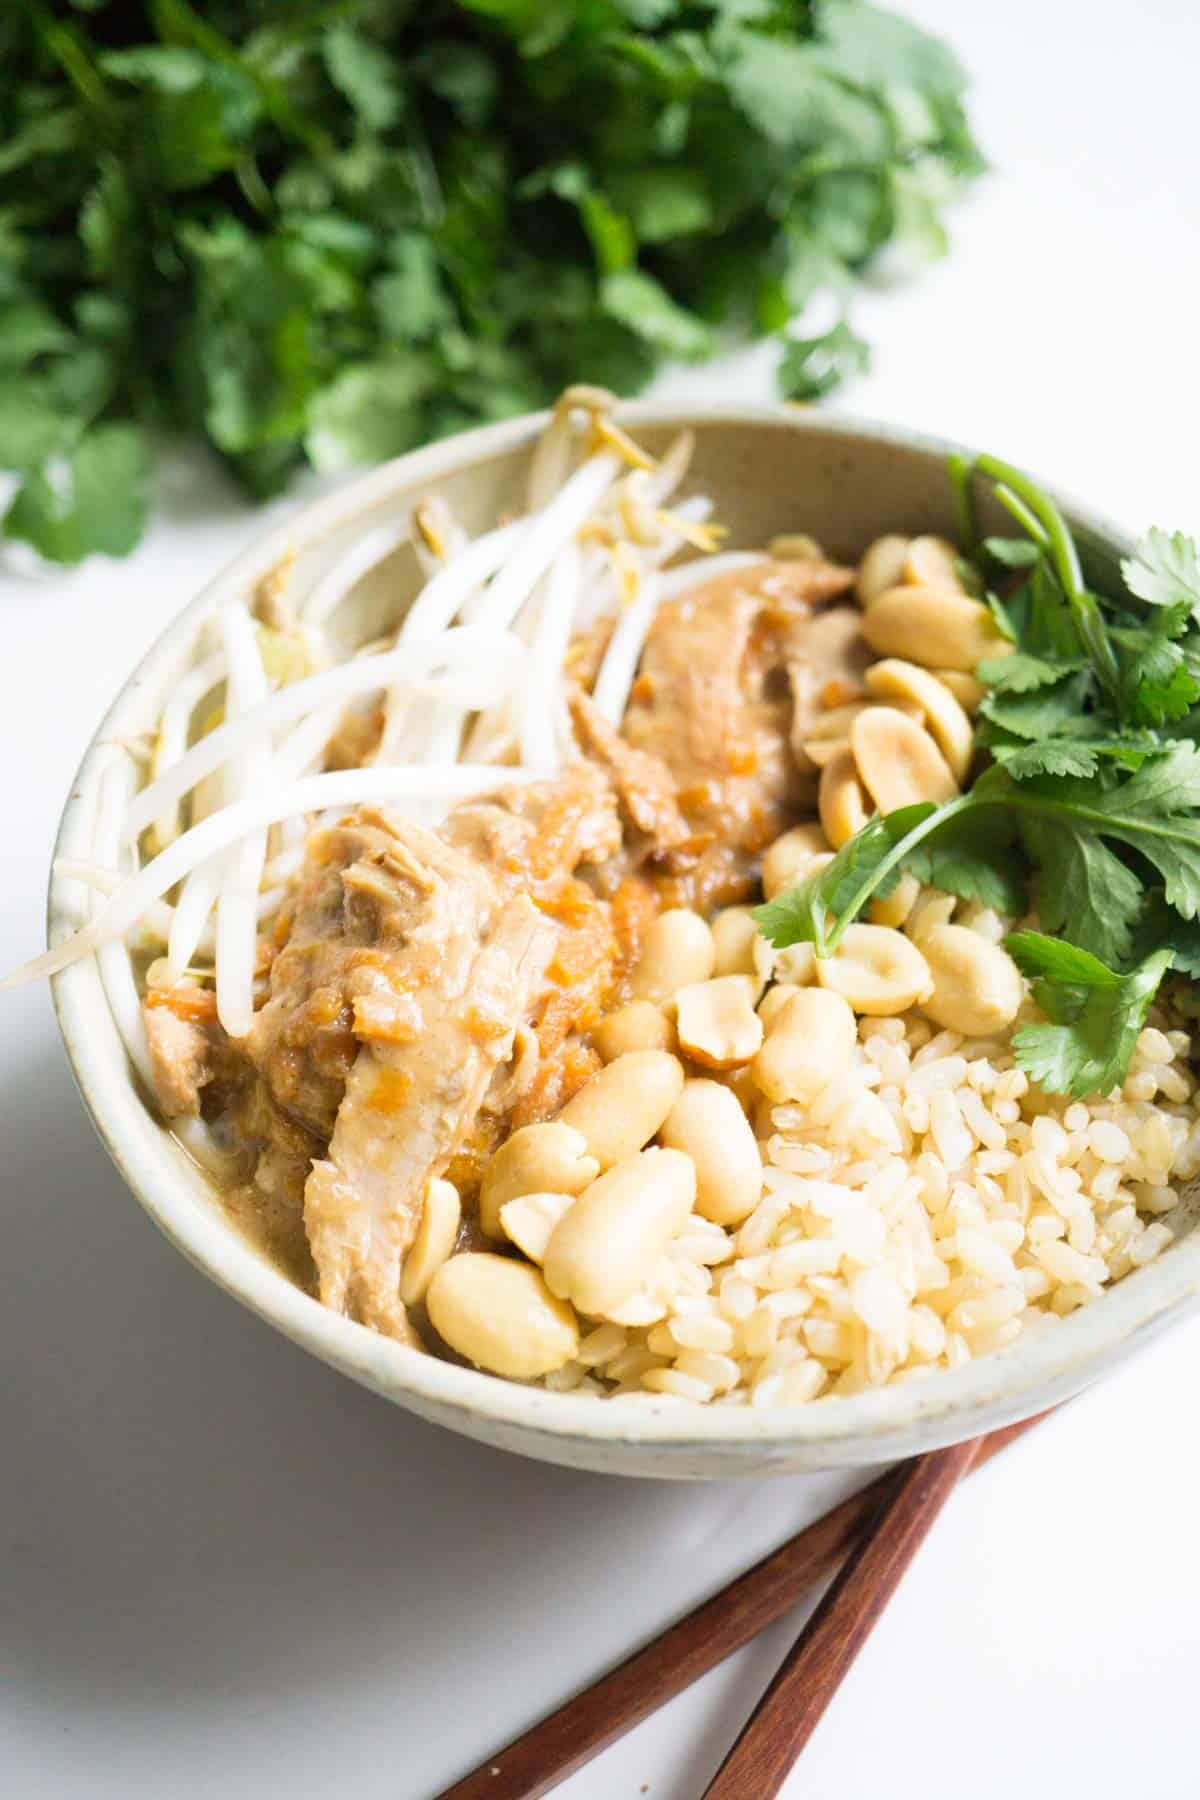 Thai Peanut Chicken freezer meal